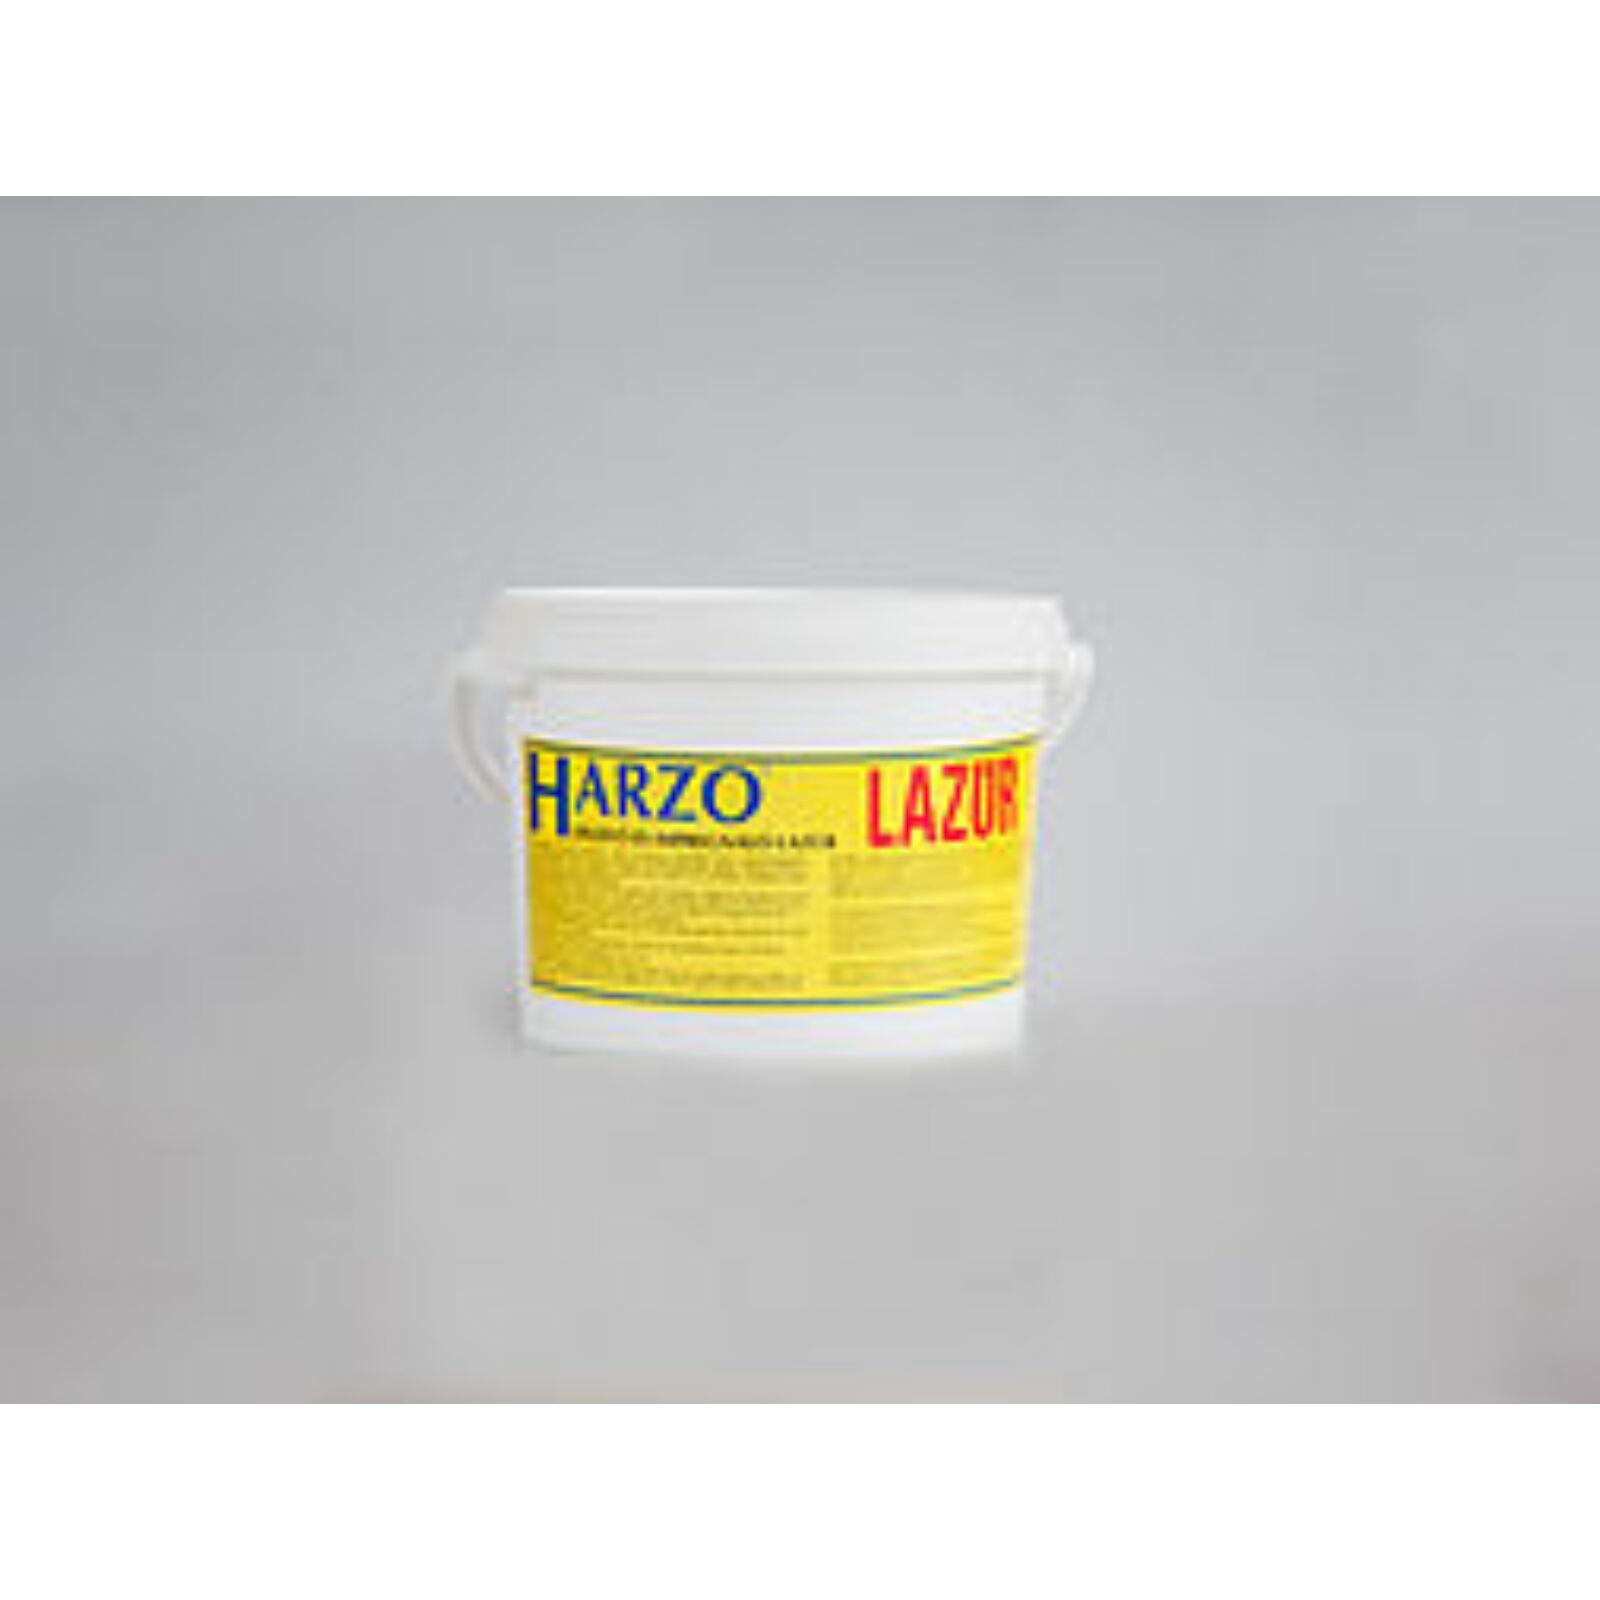 HARZO-Fallazúr imp. és díszítőanyag [5 l]